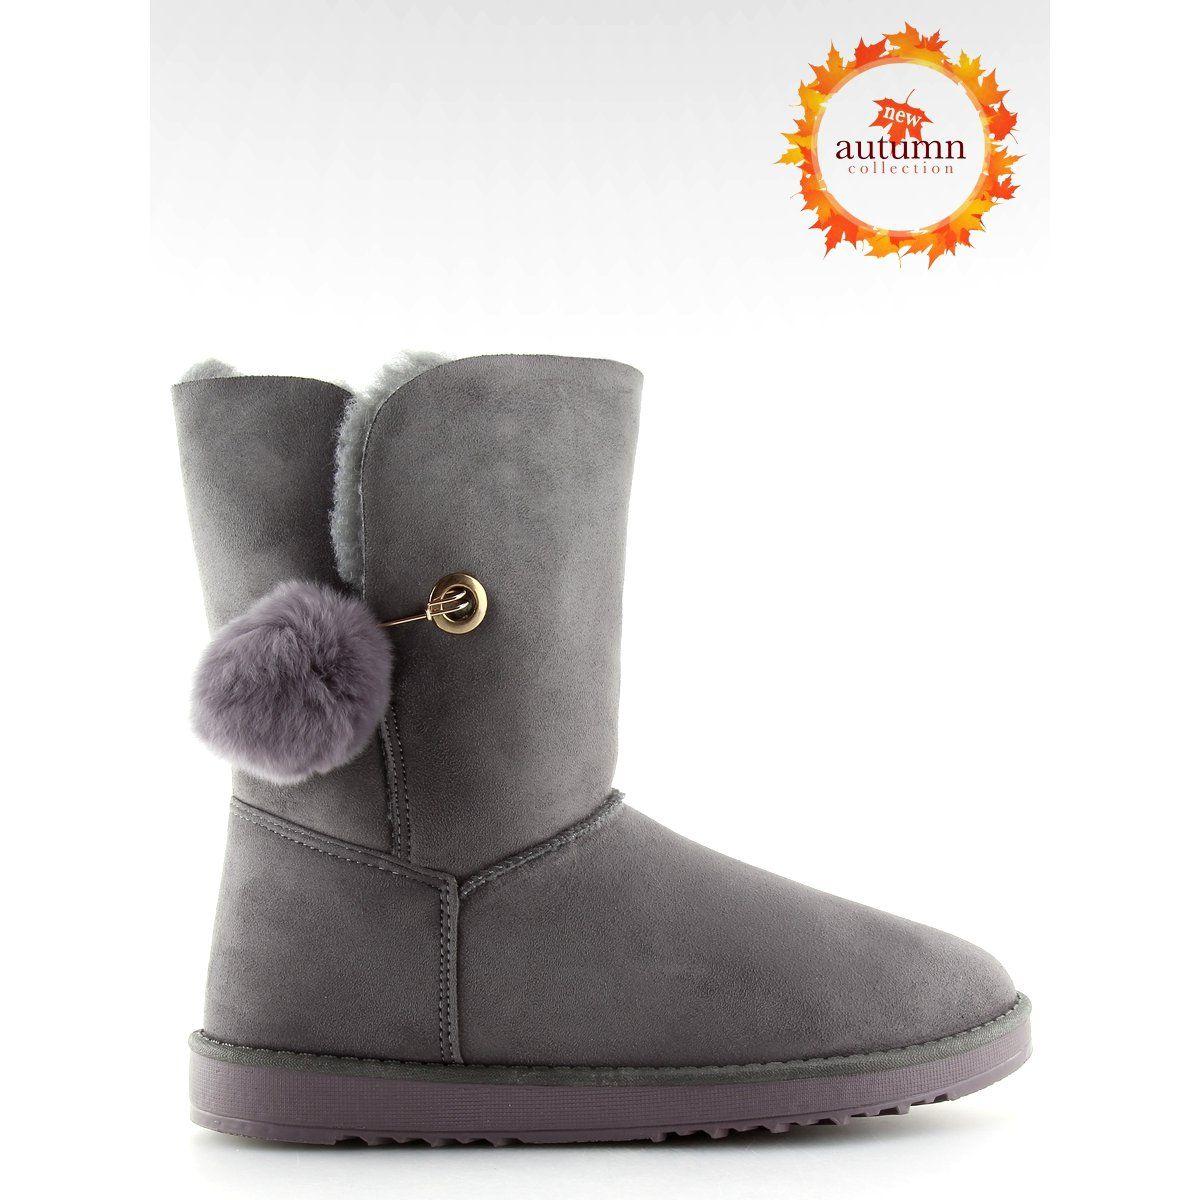 Sniegowce Damskie Butymodne Emusy Z Pomponem Szare Sp04p Grey Boots Ugg Boots Uggs